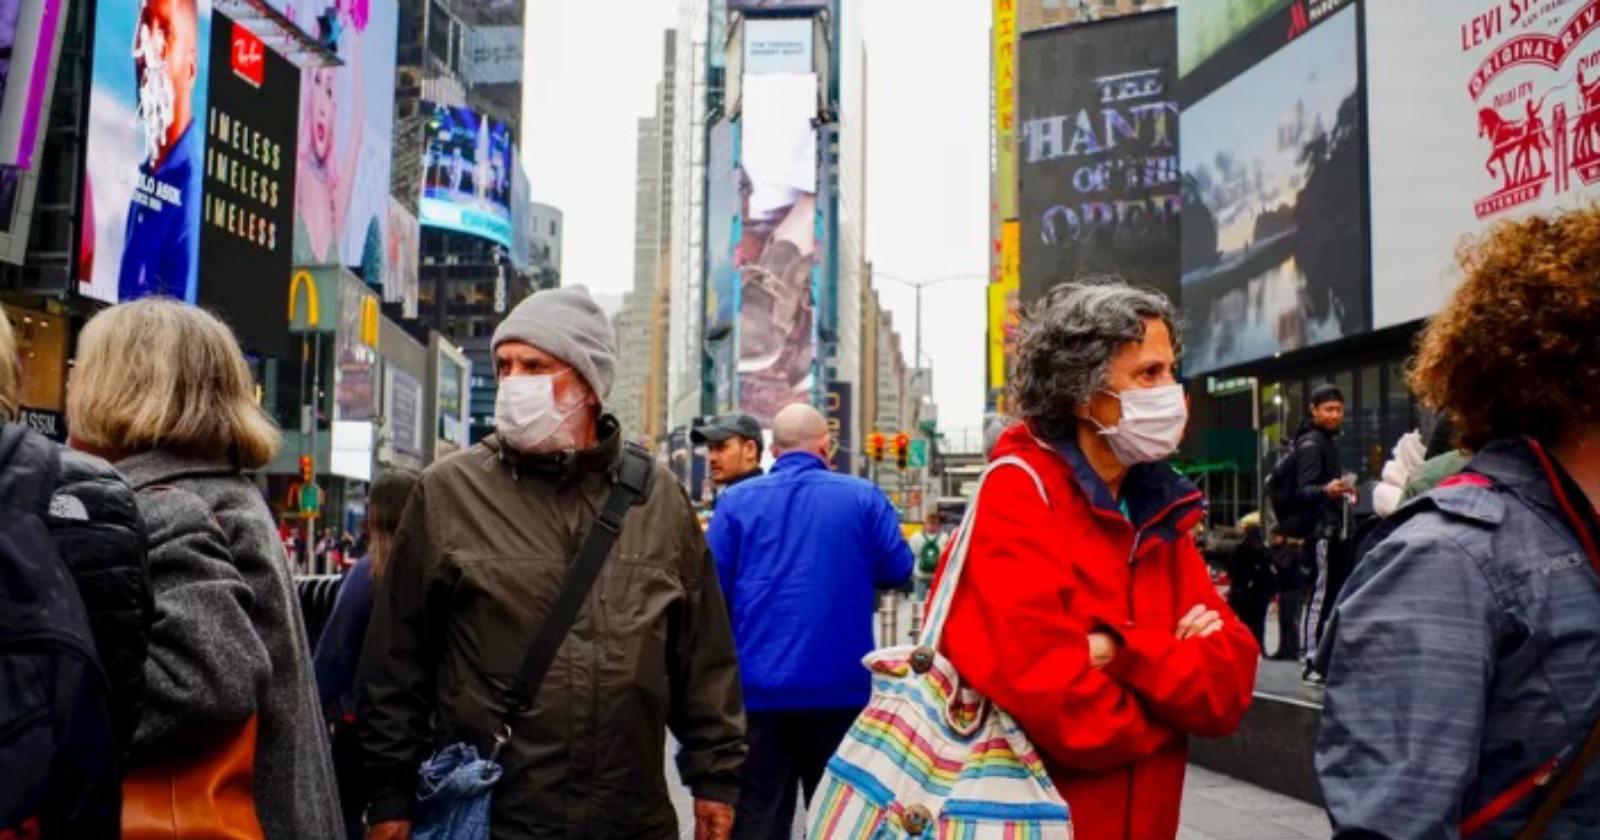 Nueva York: Epicentro del coronavirus en EE.UU. con 30 mil contagios